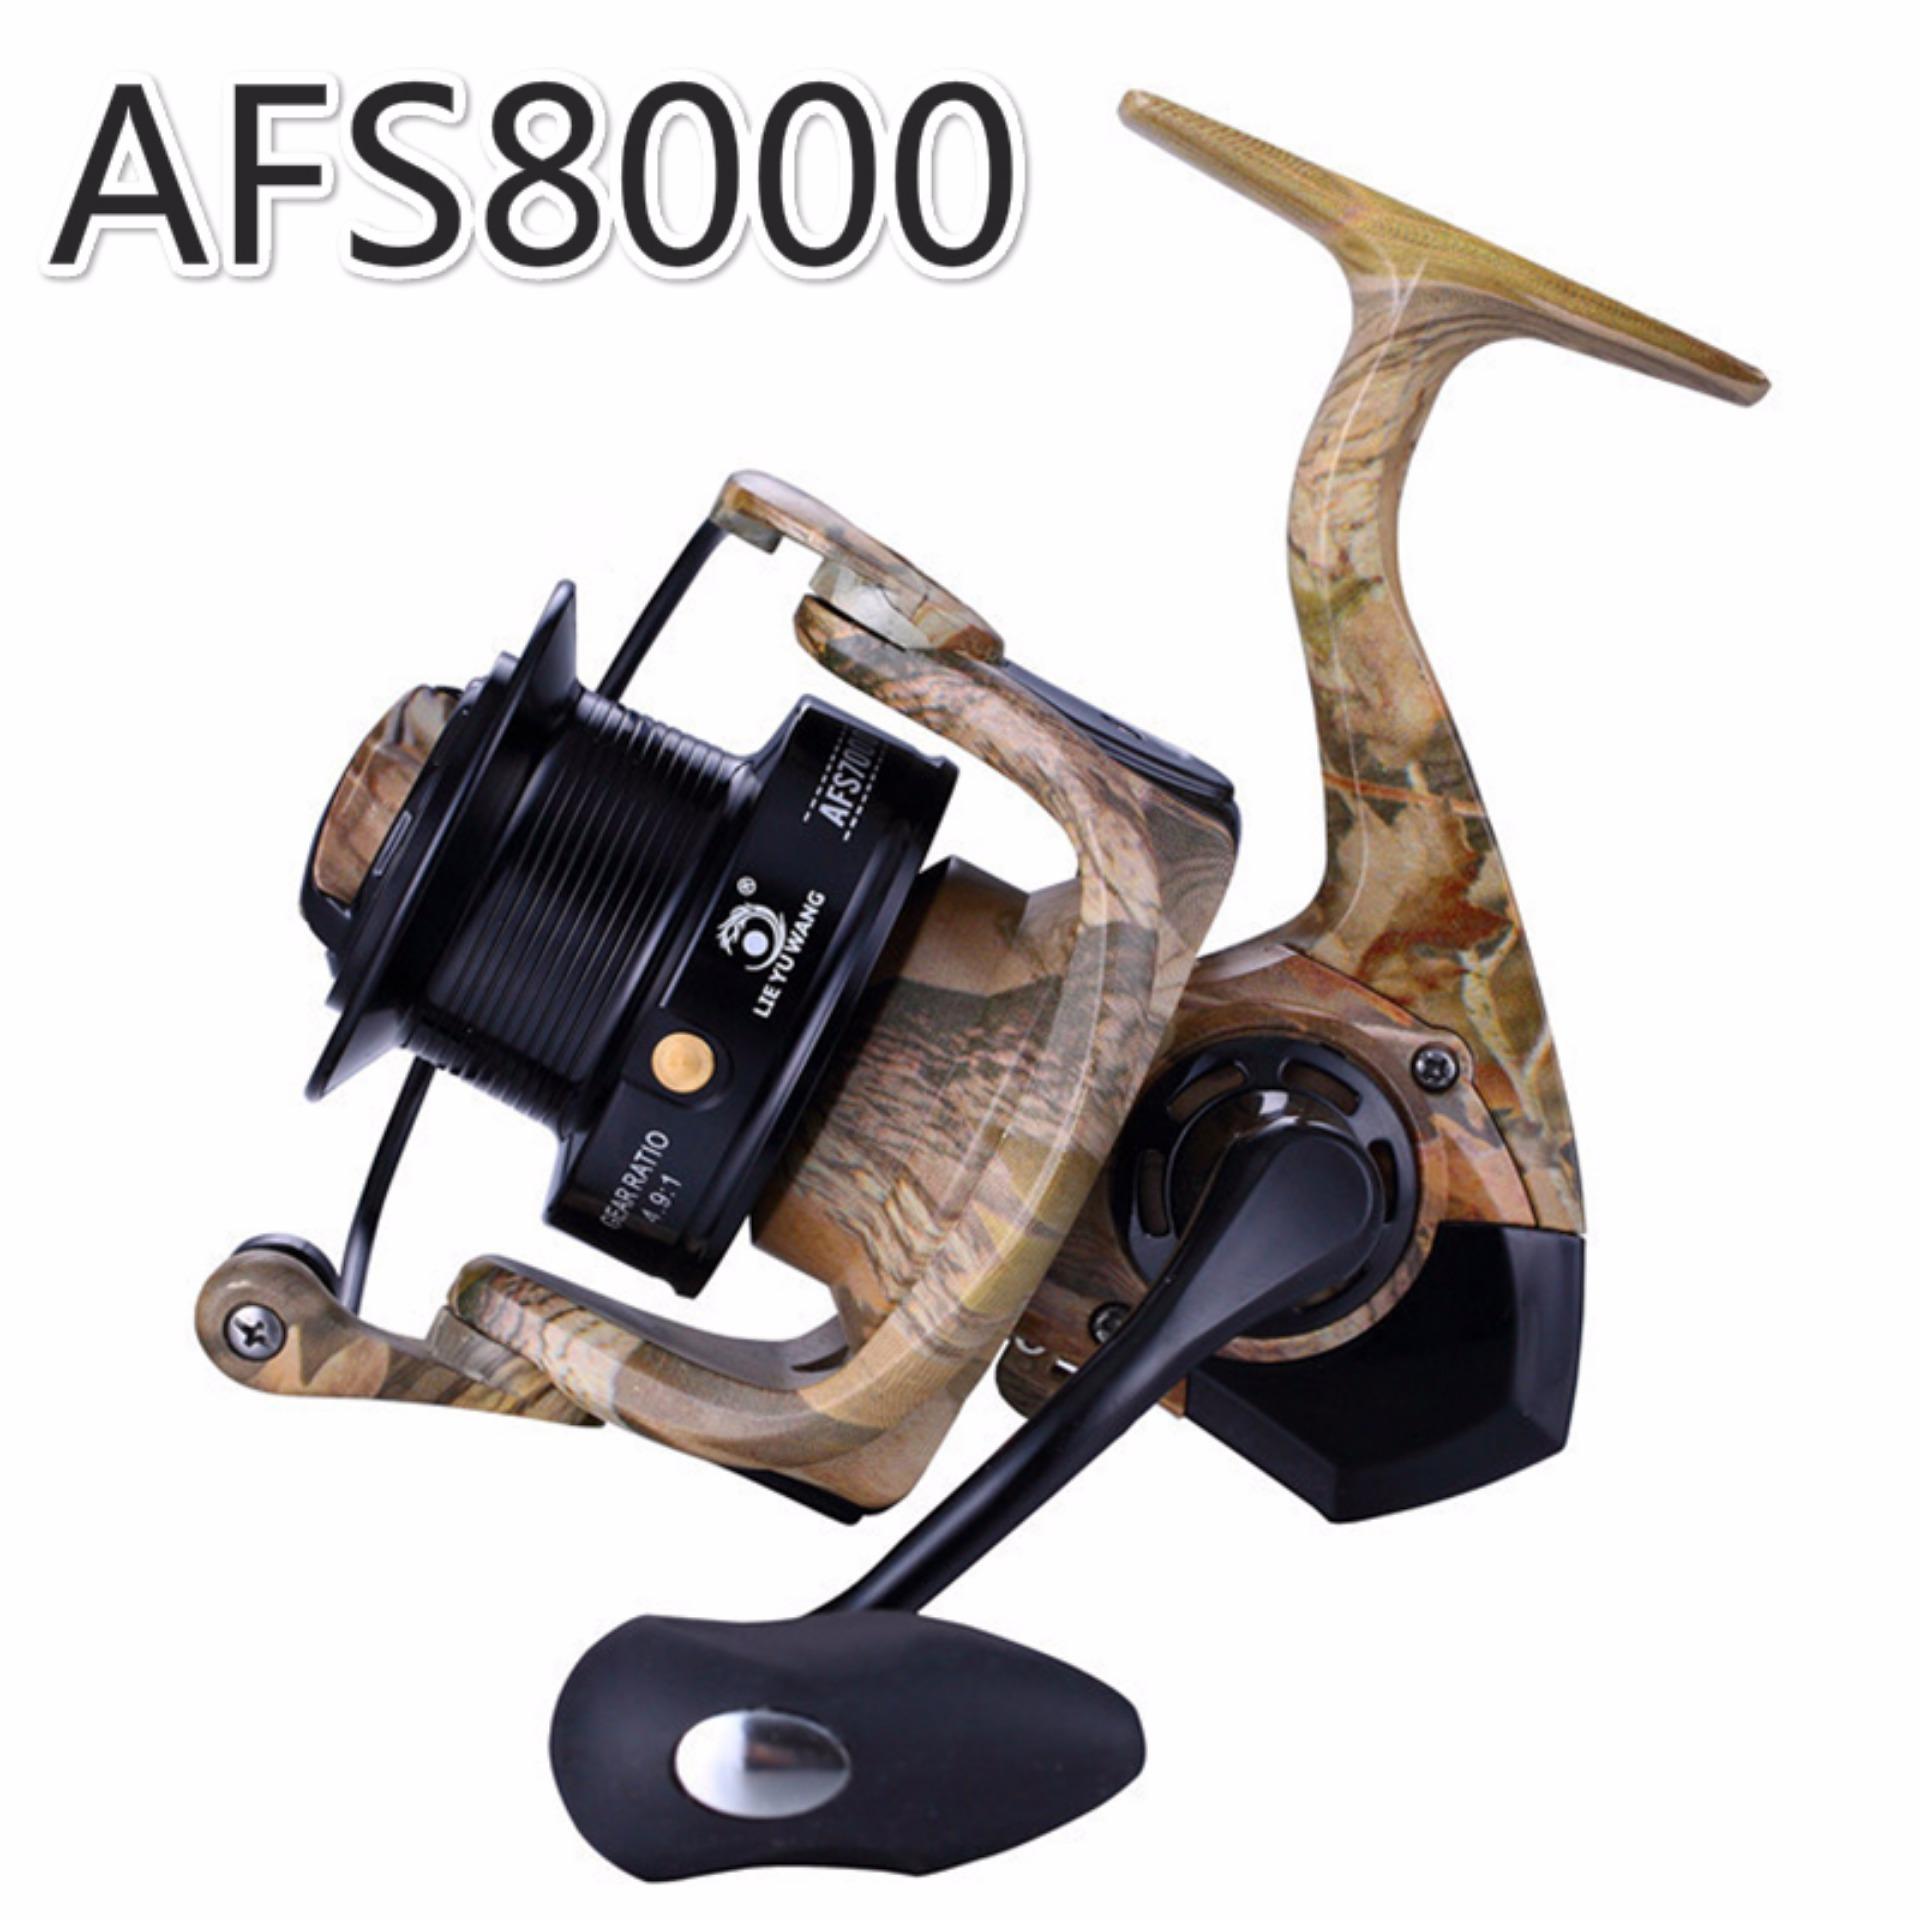 Promo Nbs Spinning Fishing Reel Afs 12 1Bb Lure Reel Jauh Carp Reels Afs8000 Oem Terbaru